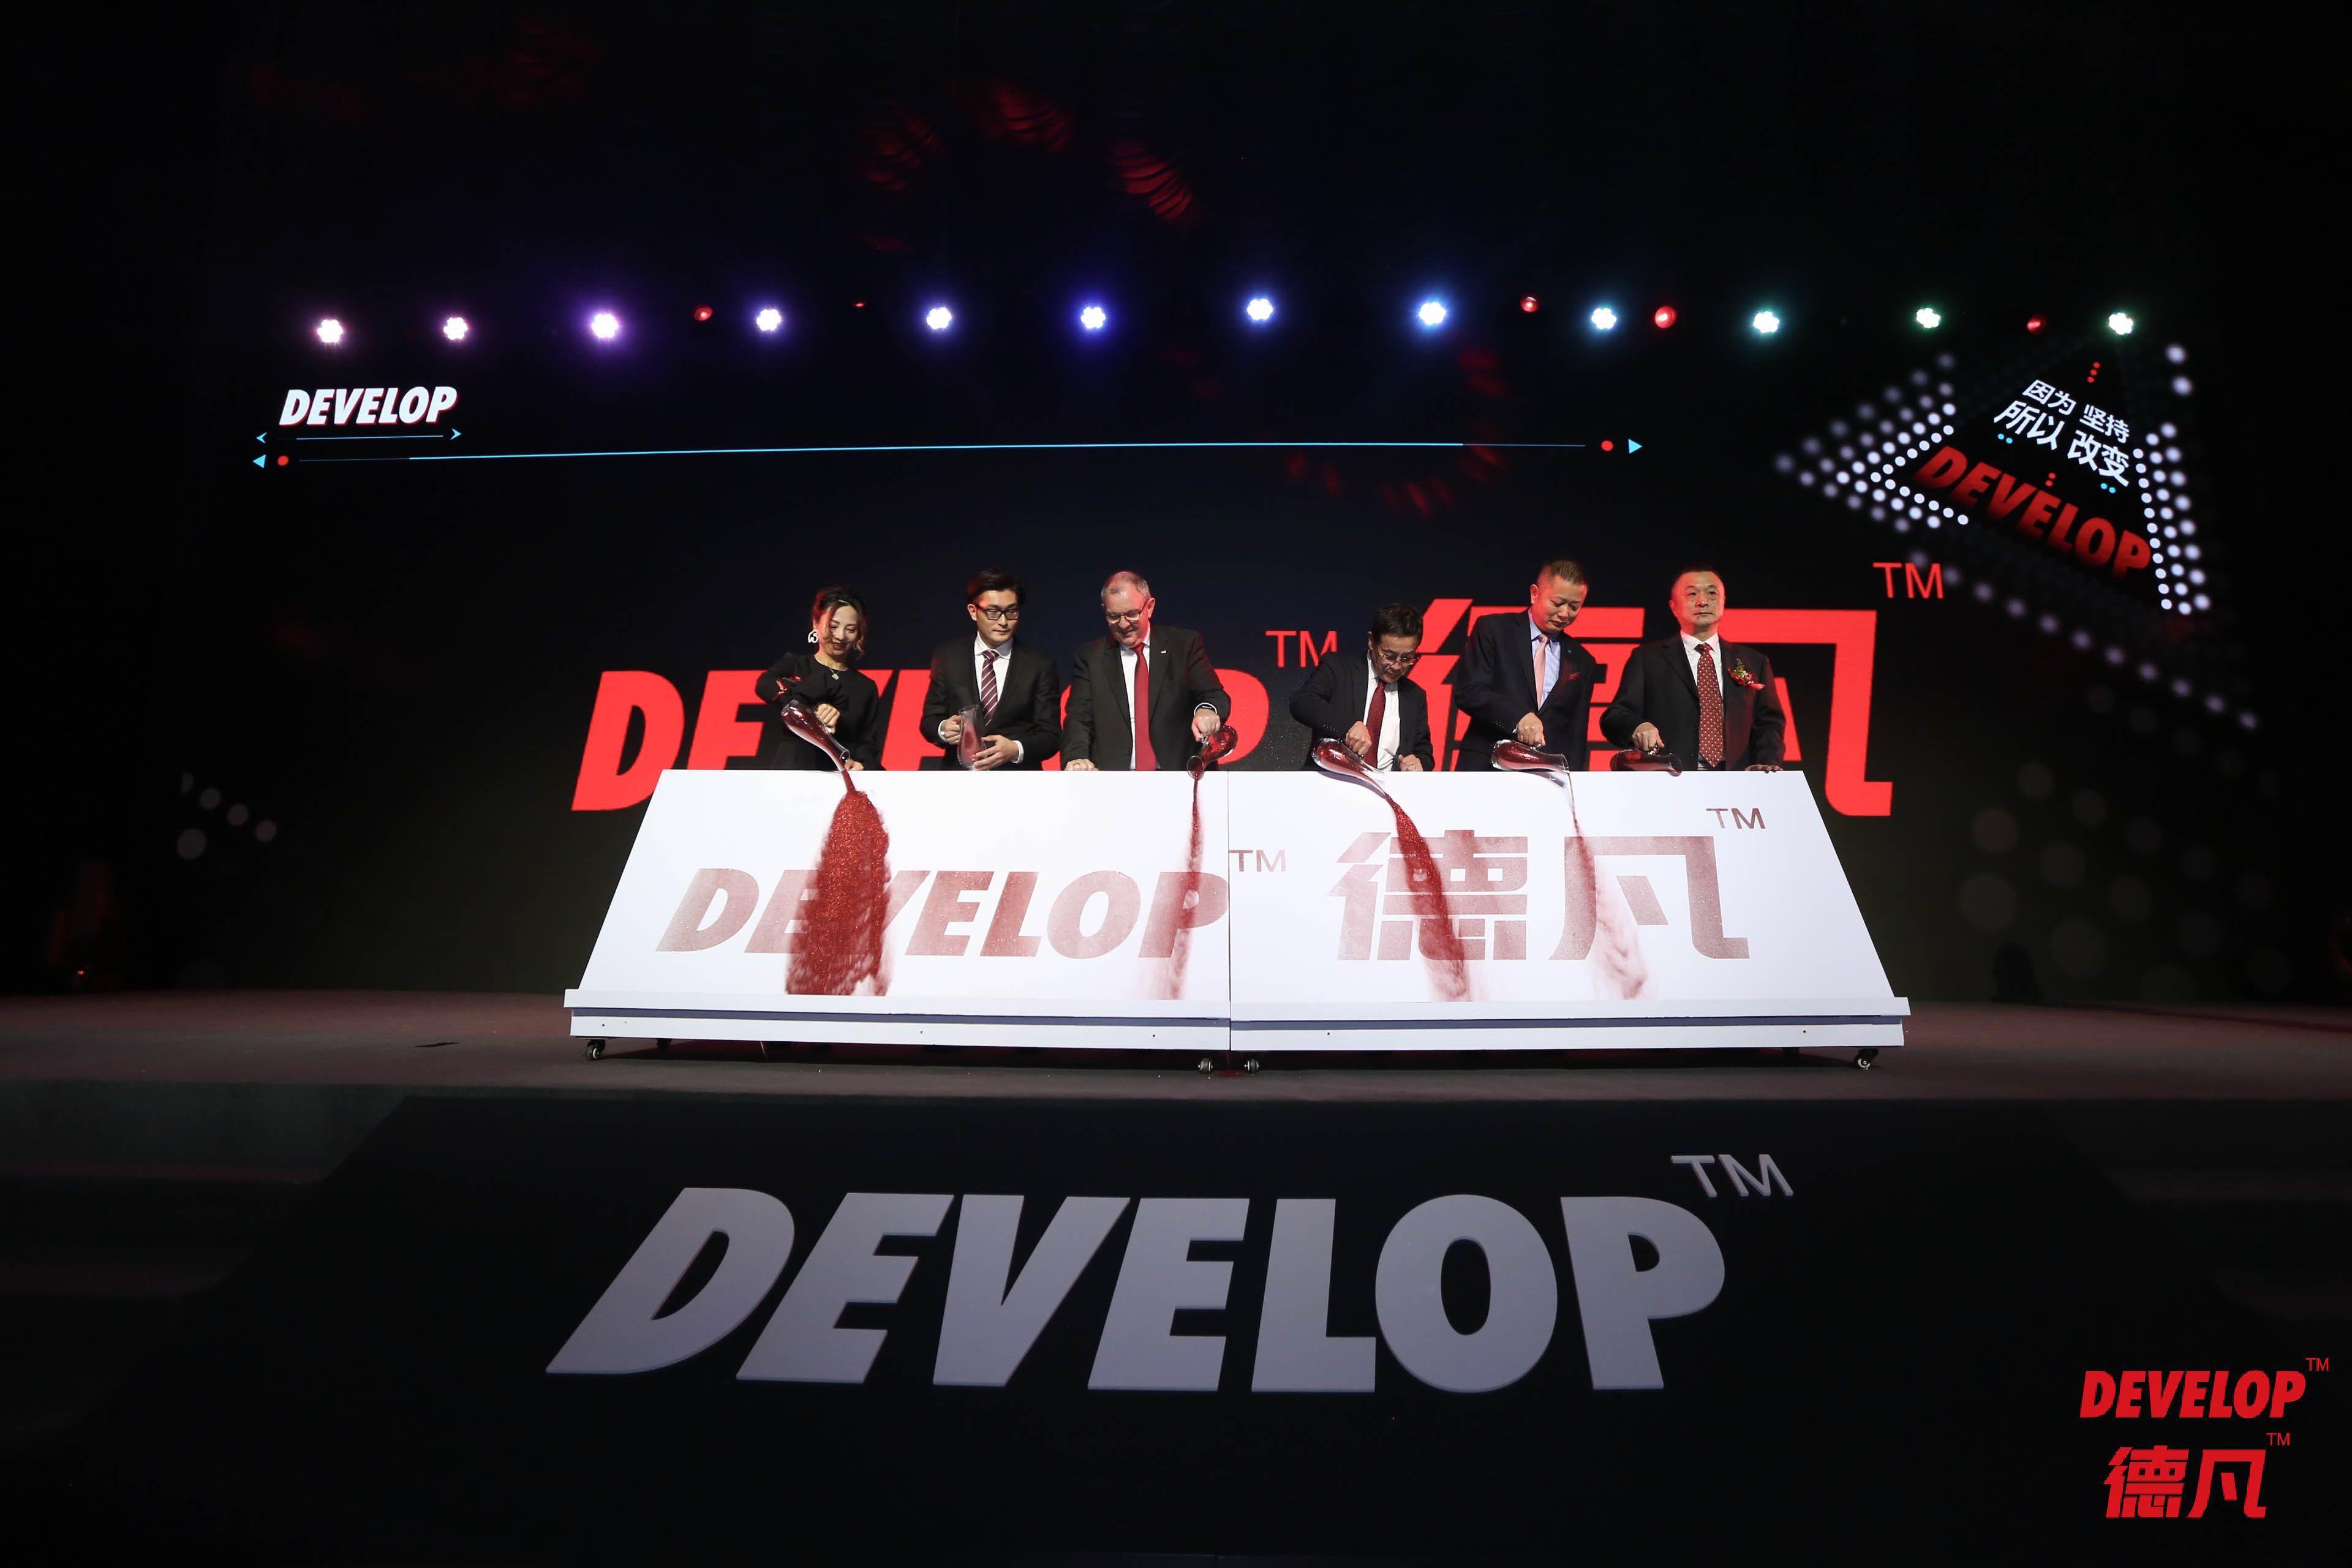 德系品牌DEVELOP德凡有备而来 或将成为下半年复合机市场最大黑马?